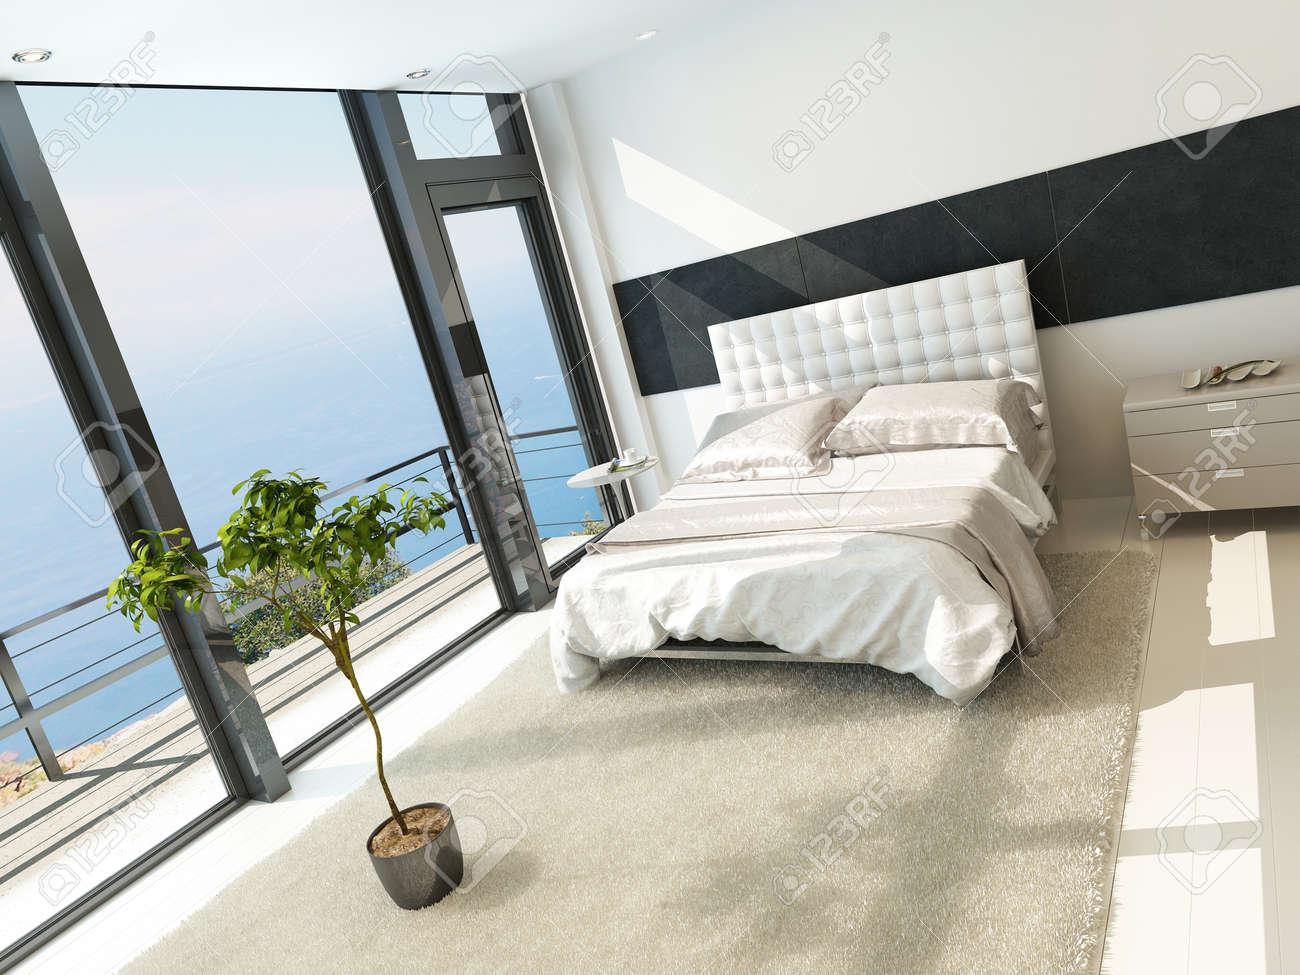 Zeitgenössische Moderne Sonnigen Schlafzimmer Interieur Mit Großen ...